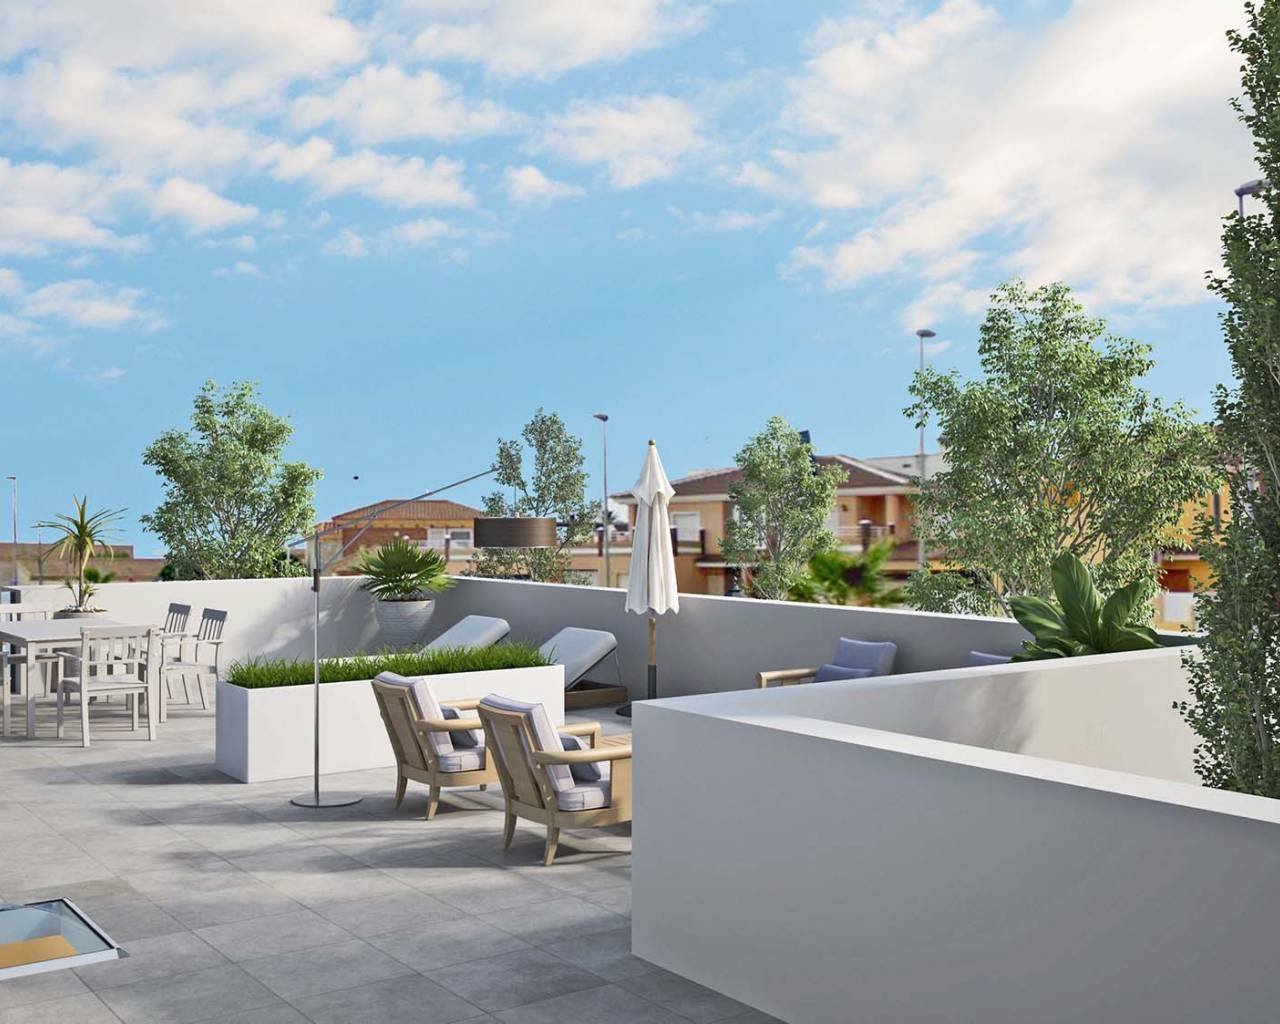 nieuwbouw-vrijstaande-villa-avileses-dorps-centrum_5519_xl